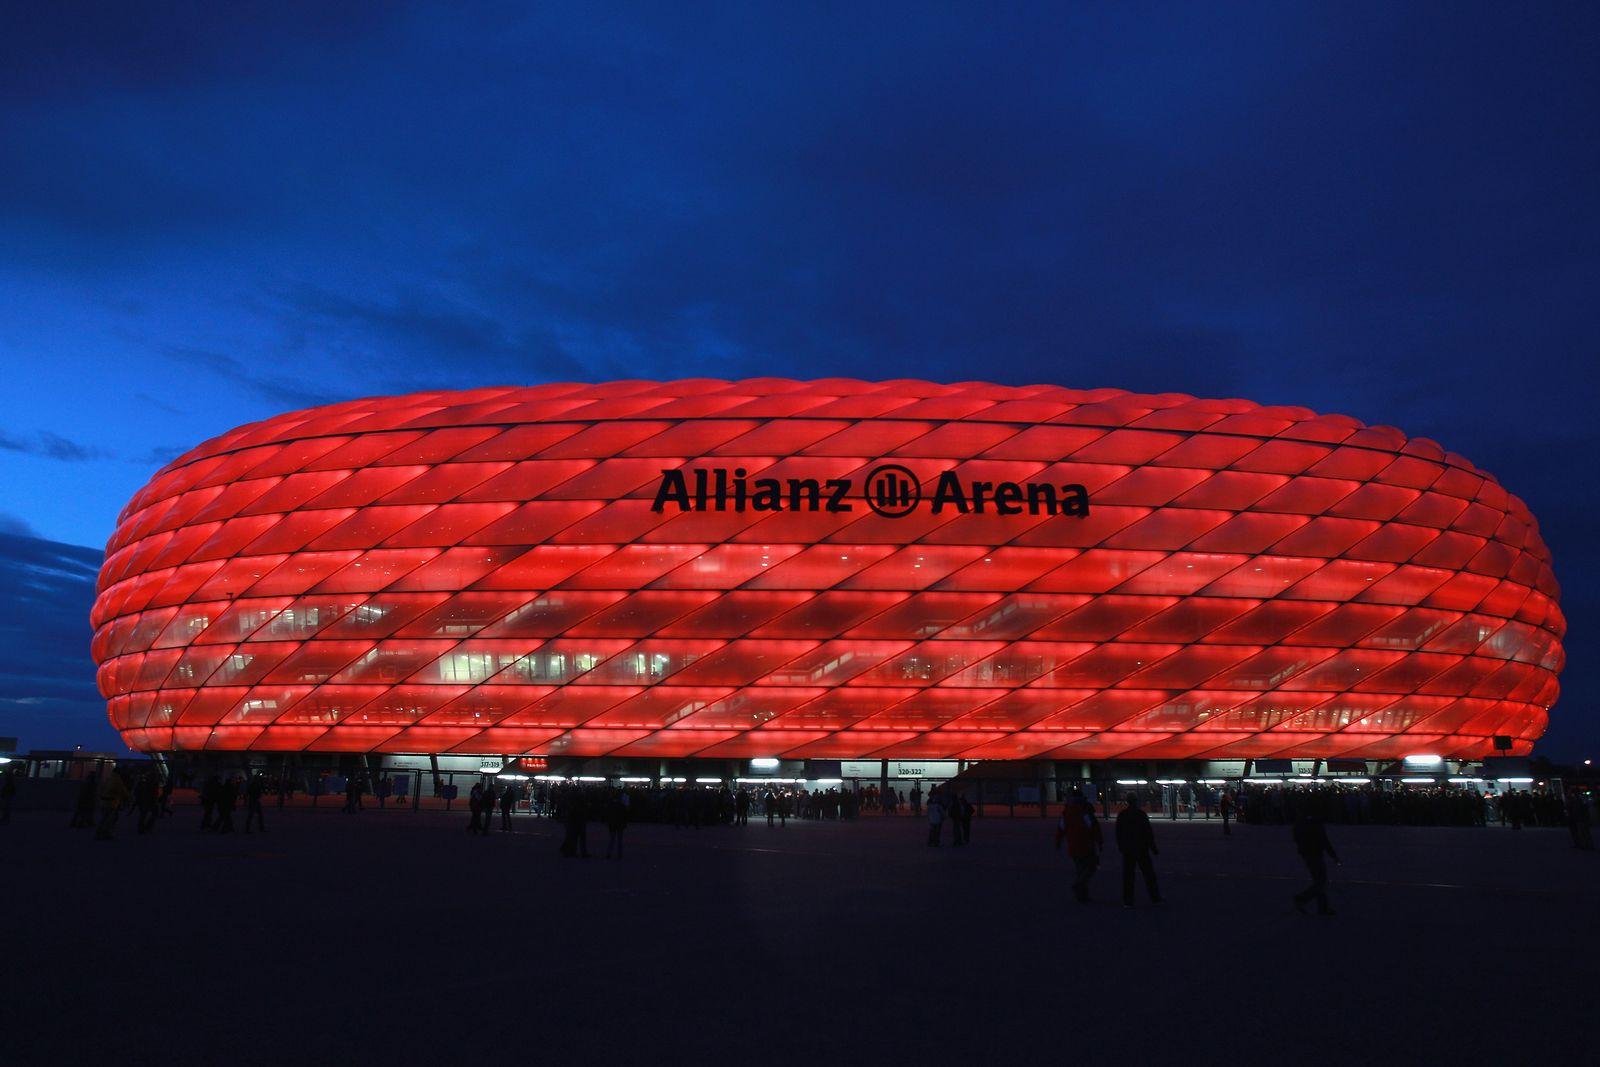 Fußballstadien / Stadion / 1. Bundesliga 2012 / Allianz Arena